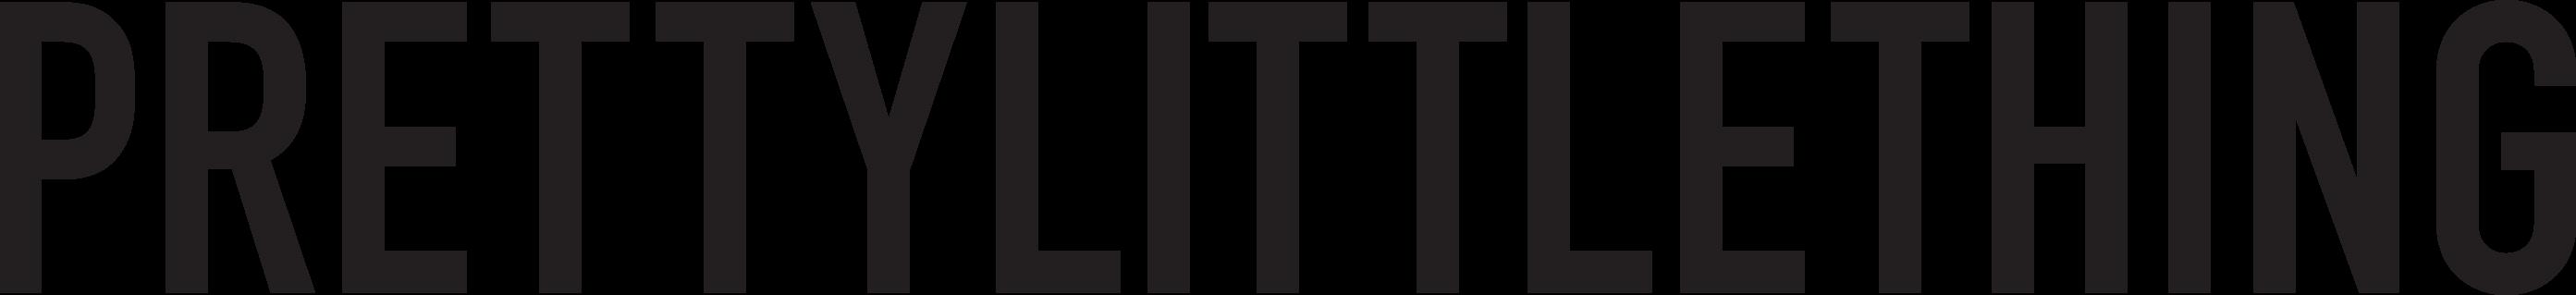 Prettylittlething-Logo